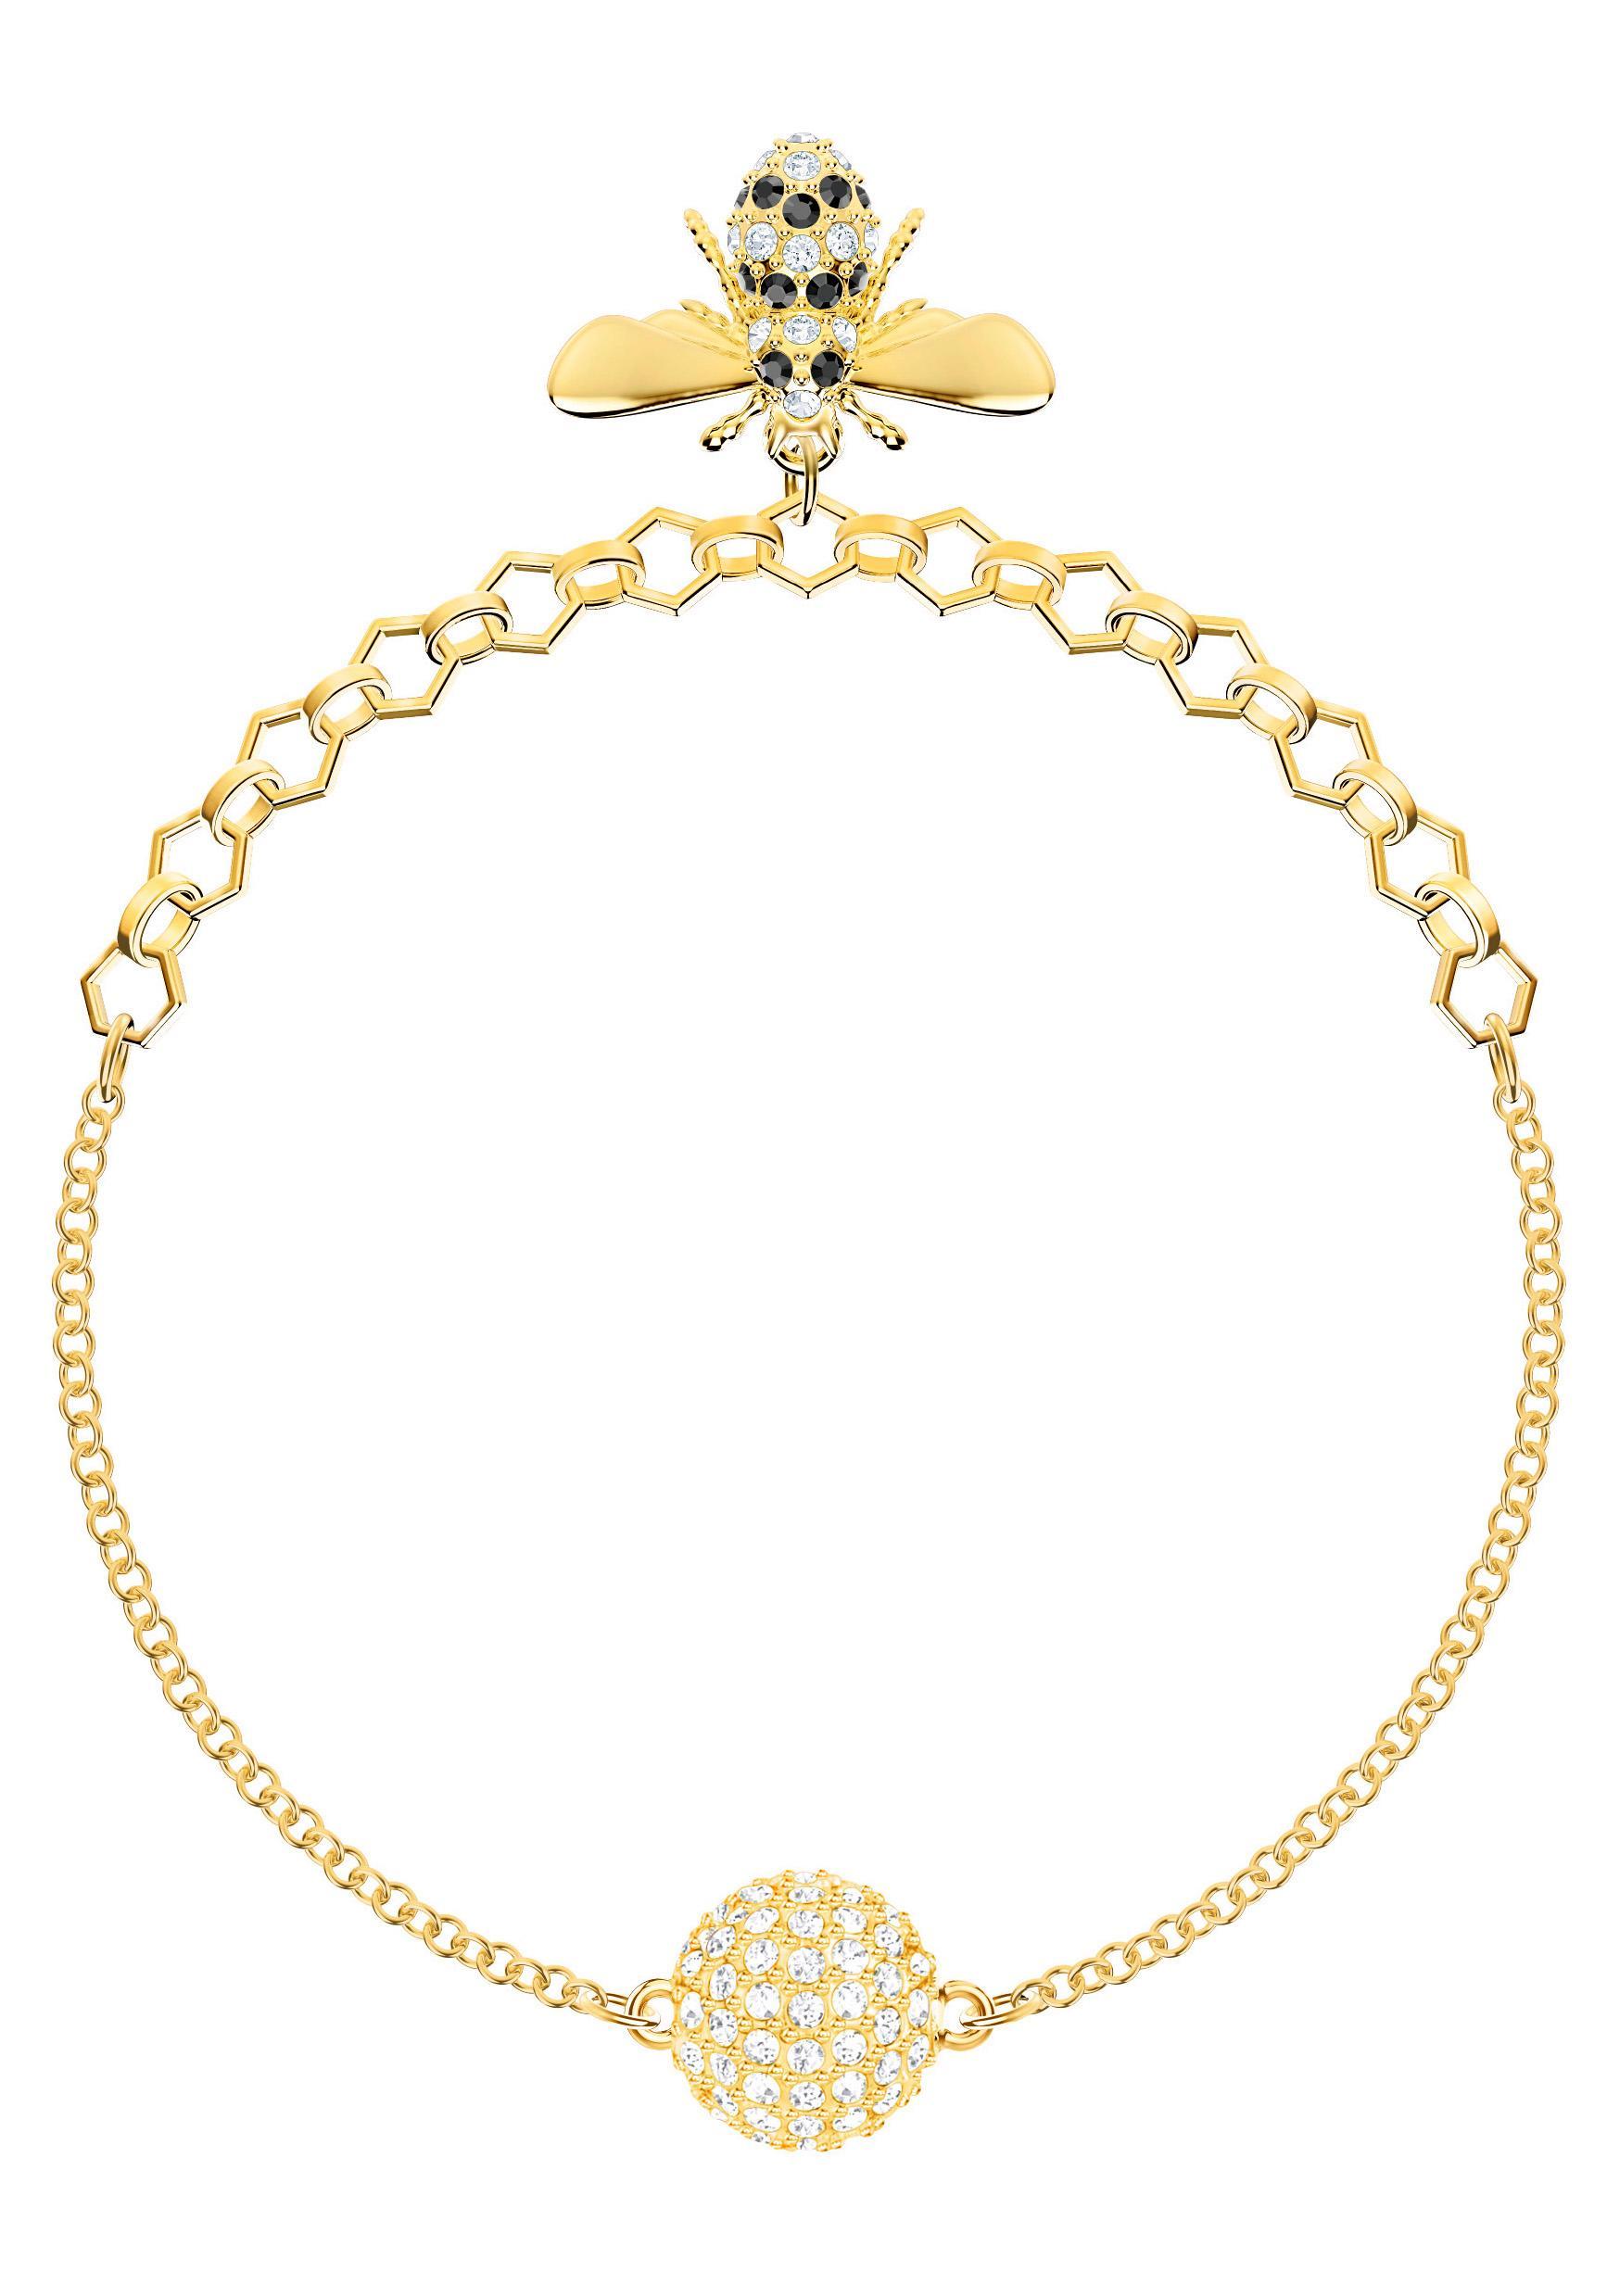 Swarovski Armband Biene Swarovski Remix Collection Bee schwarz vergoldet 5380077 | Schmuck > Armbänder > Goldarmbänder | Swarovski